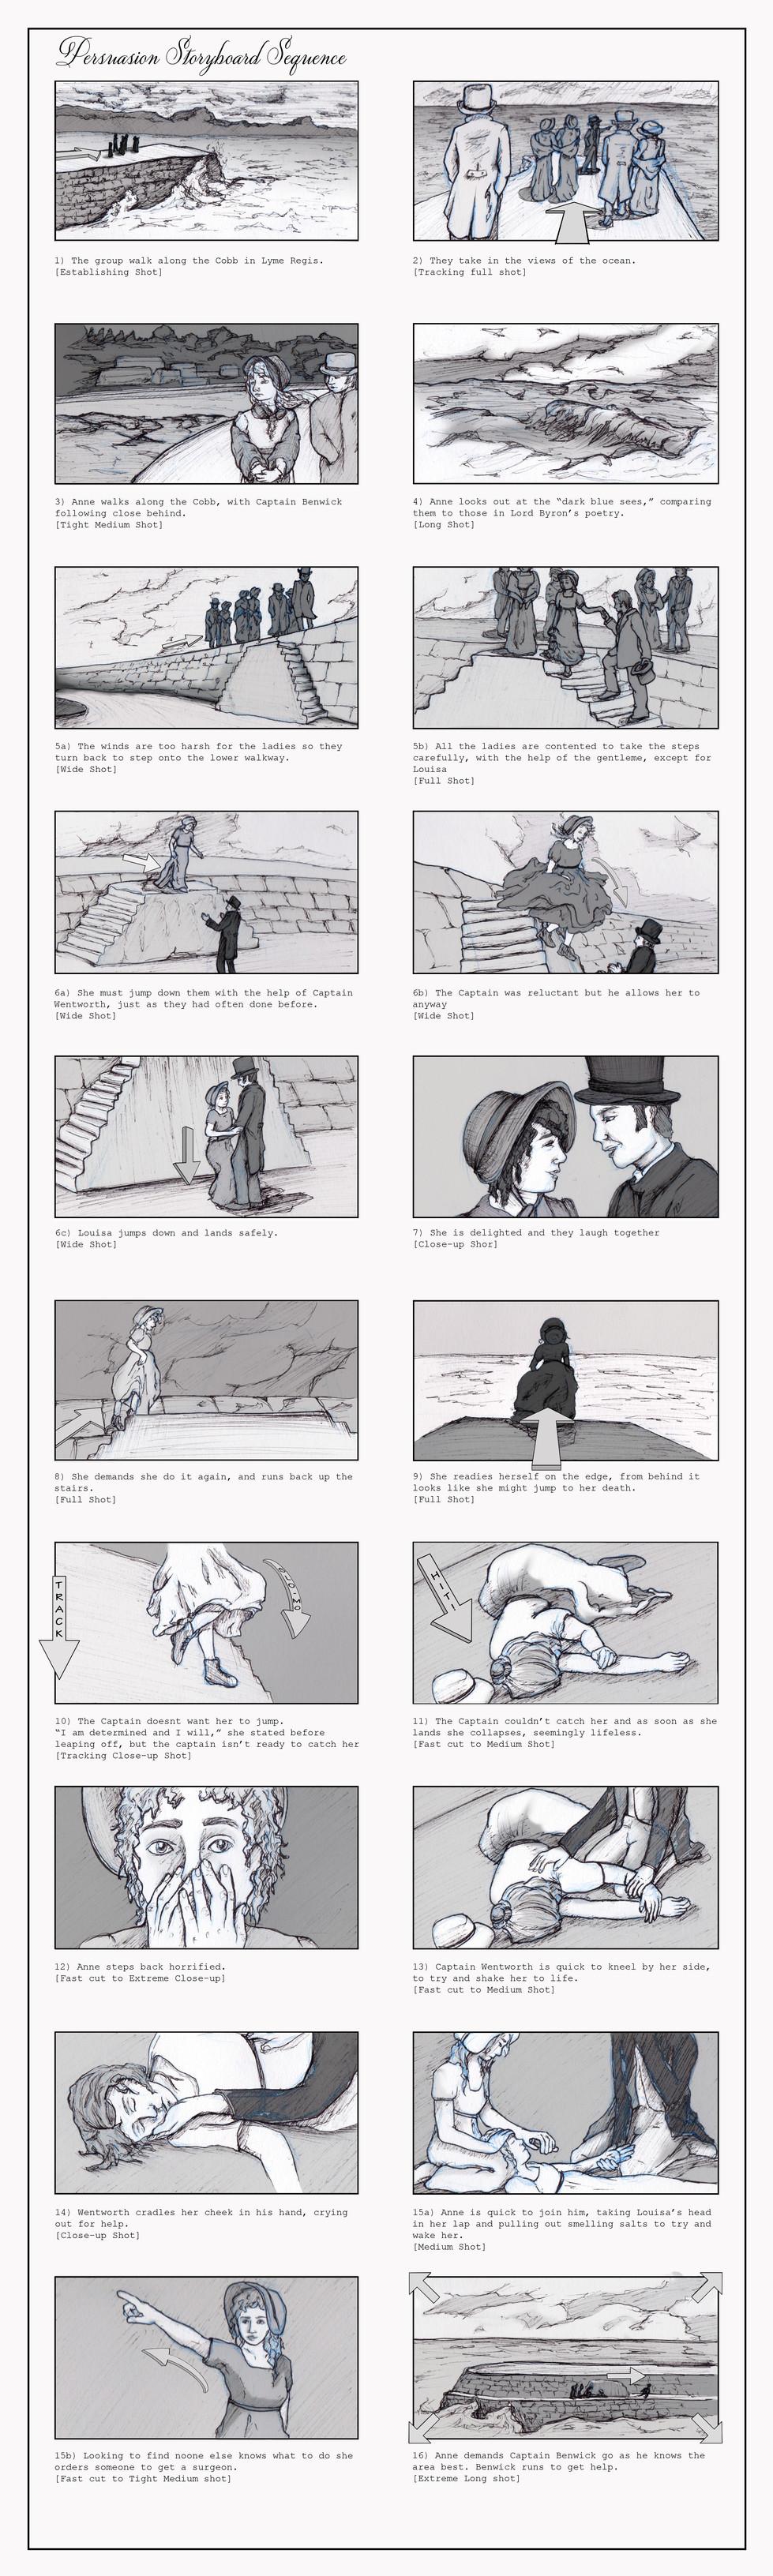 Persuasion - Lyme Regis Sequence